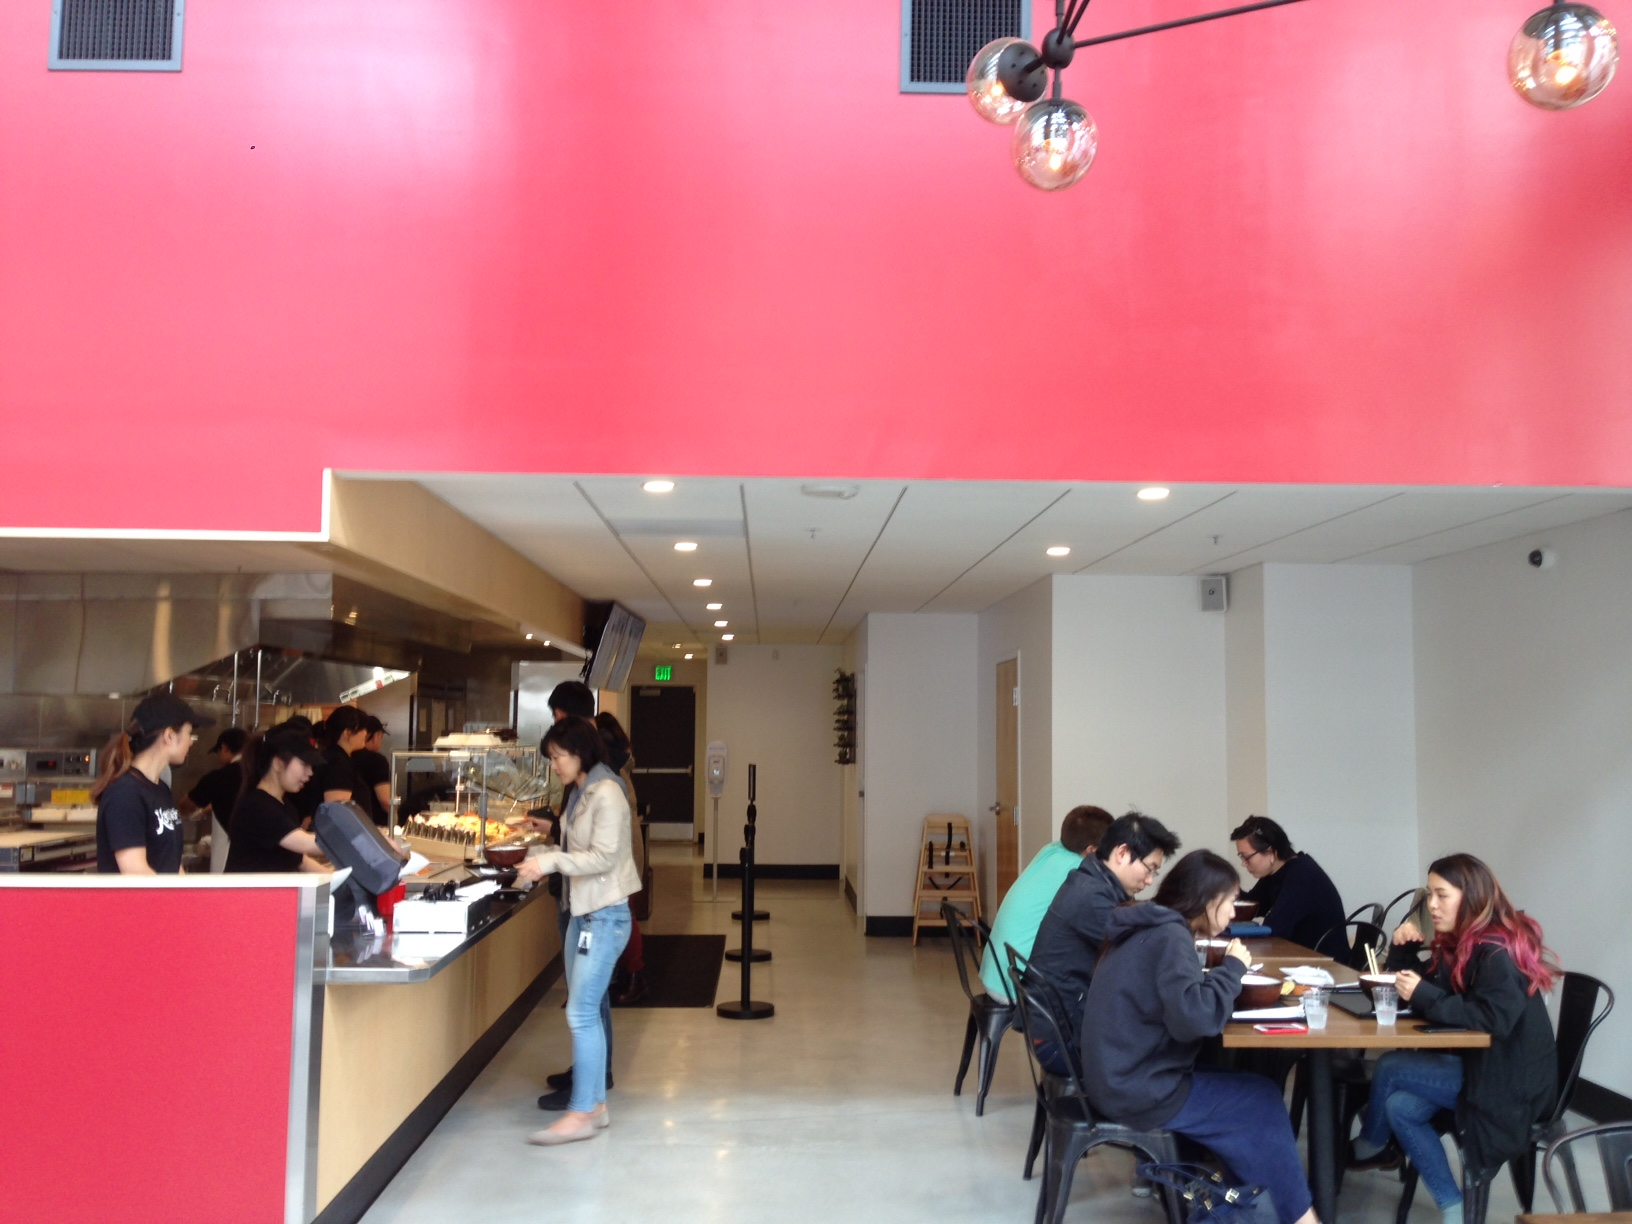 Kagawa-Ya interior counter.